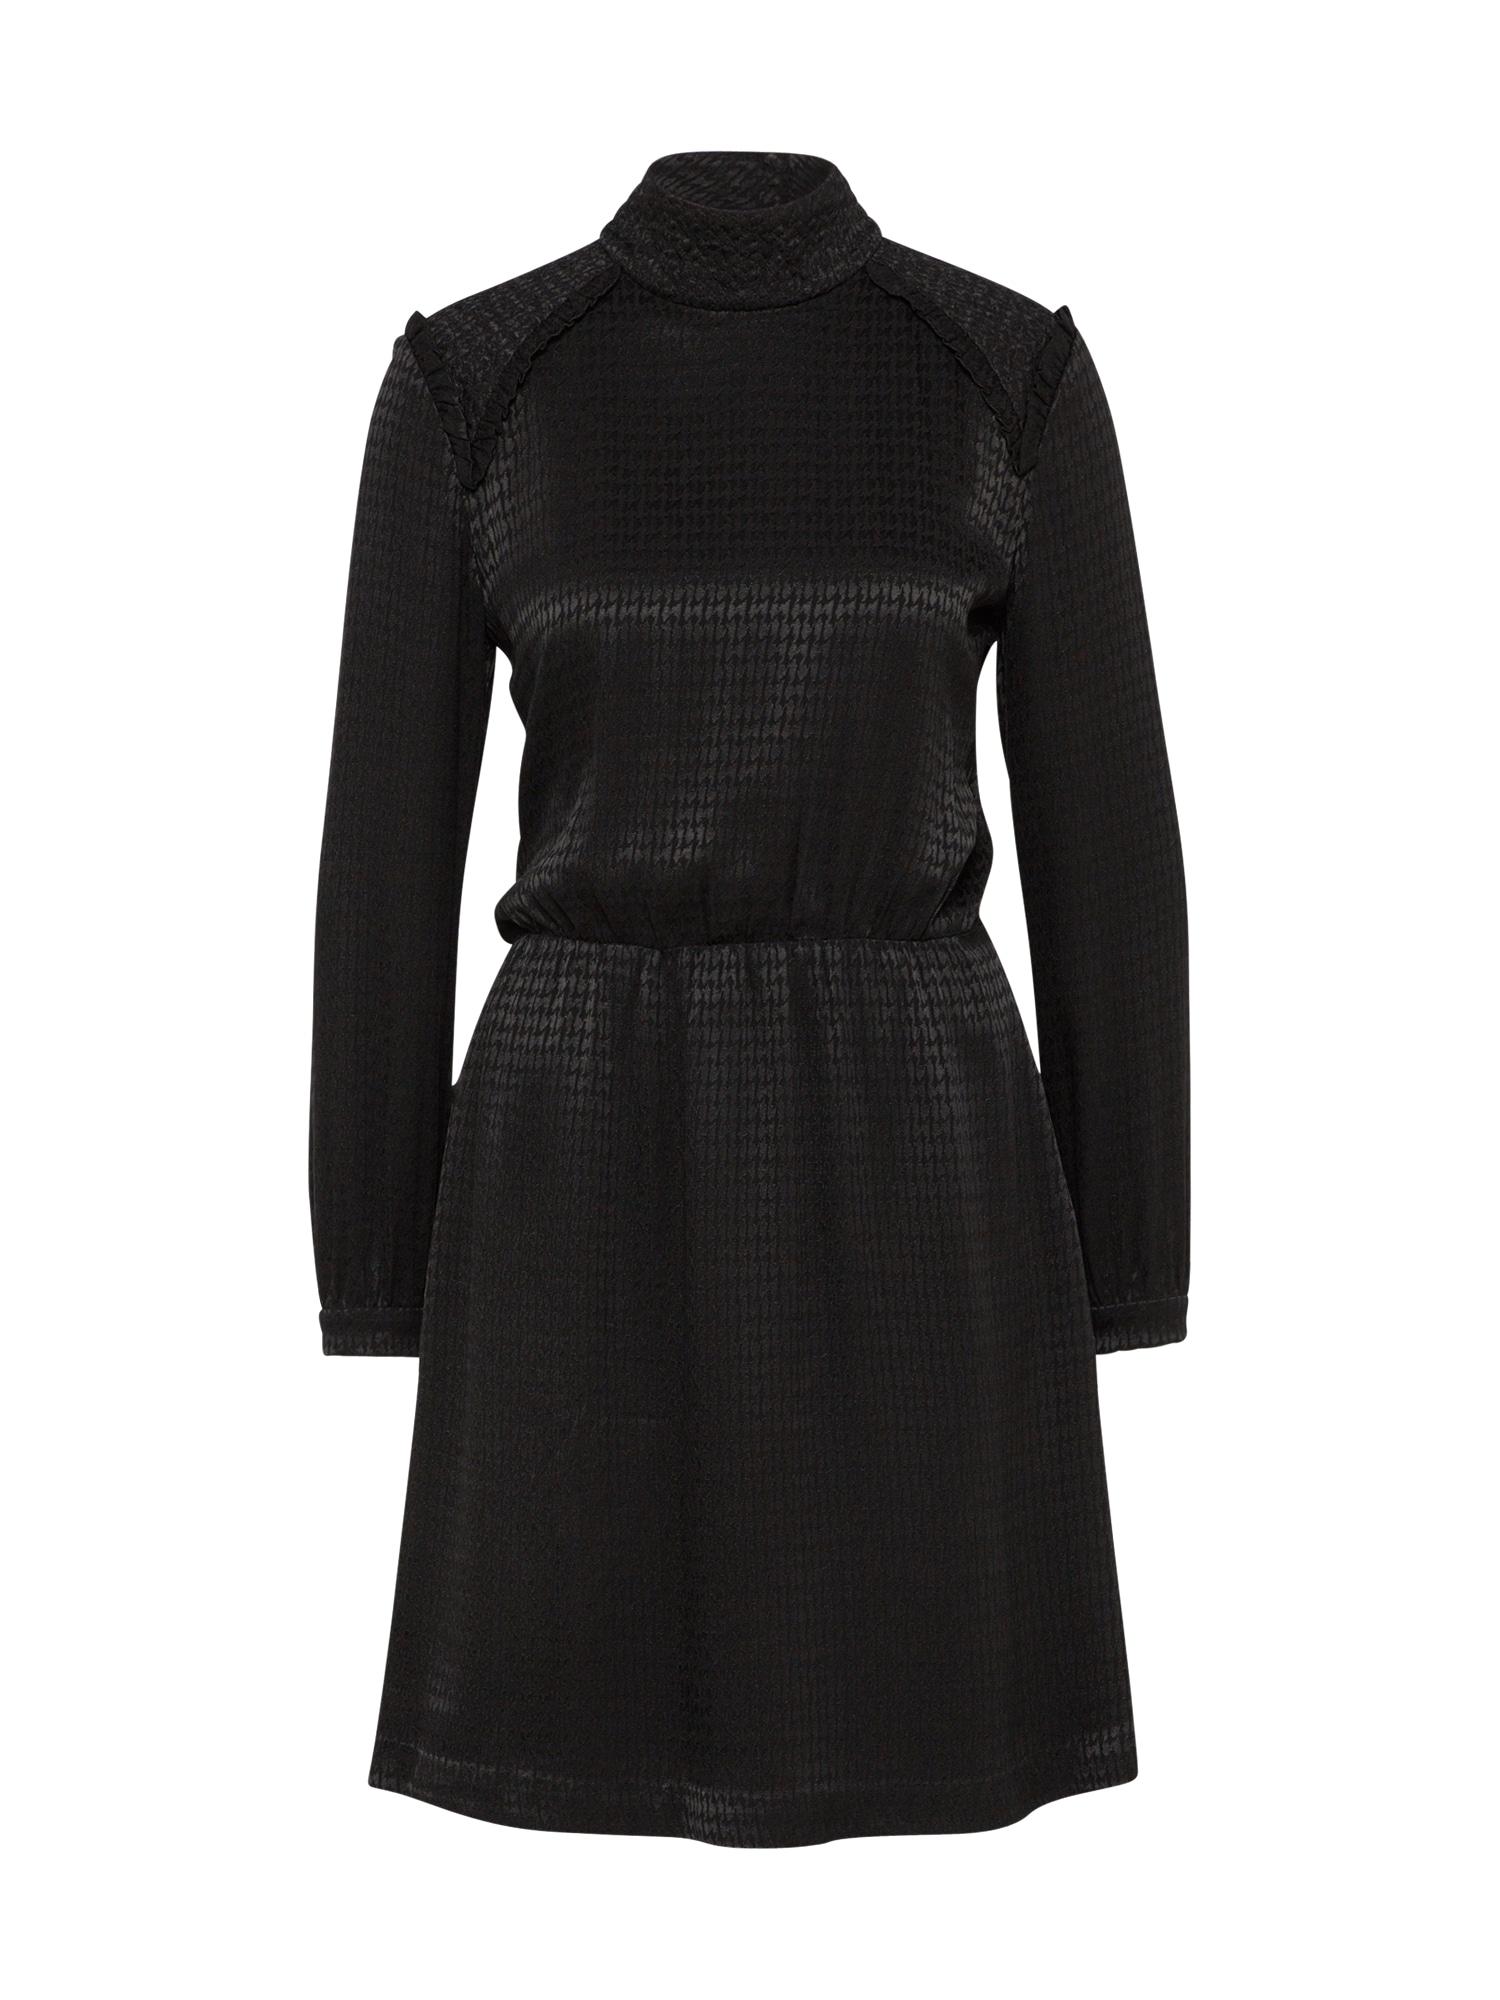 POSTYR Kokteilinė suknelė 'POSHASSEL DRESS' juoda